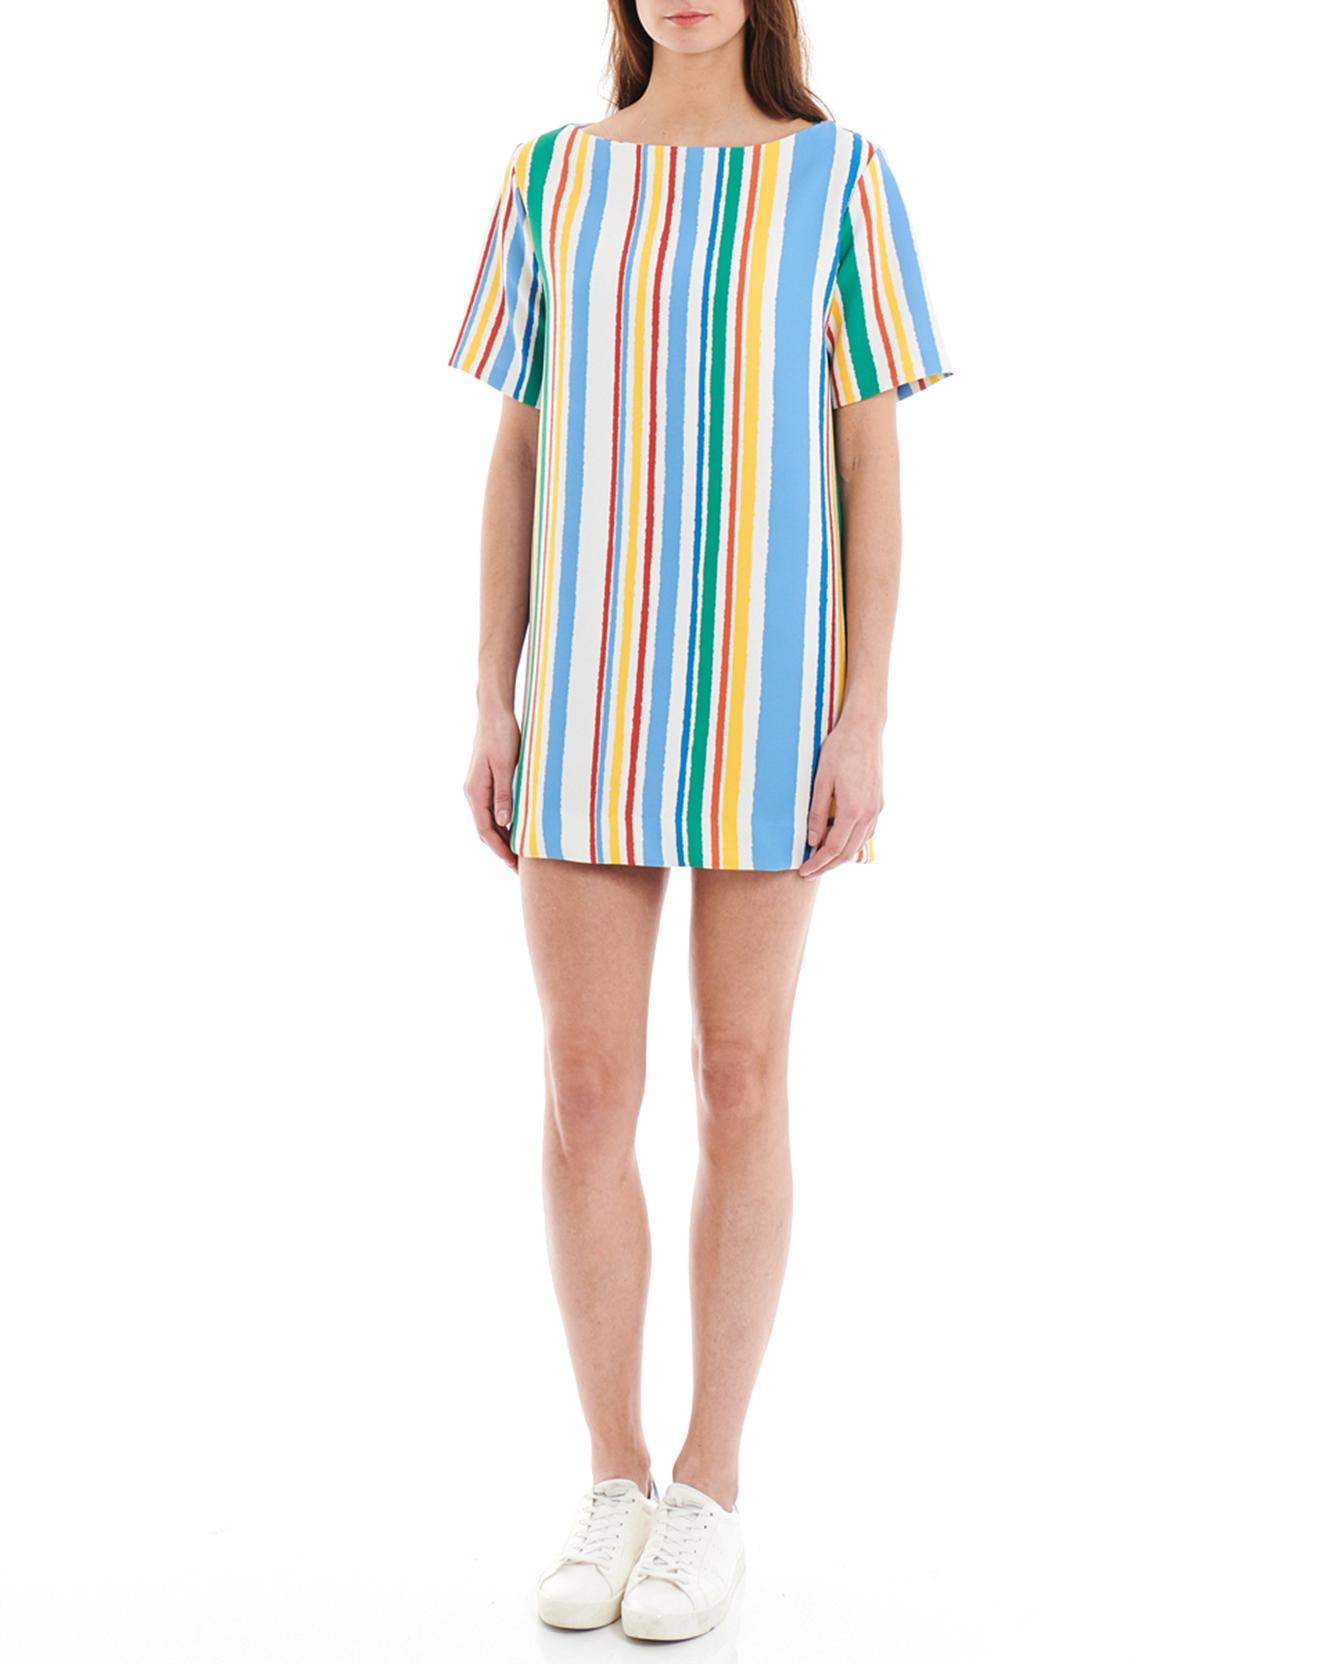 Robe Domi rayée multicolore - Pepe Jeans - Modalova